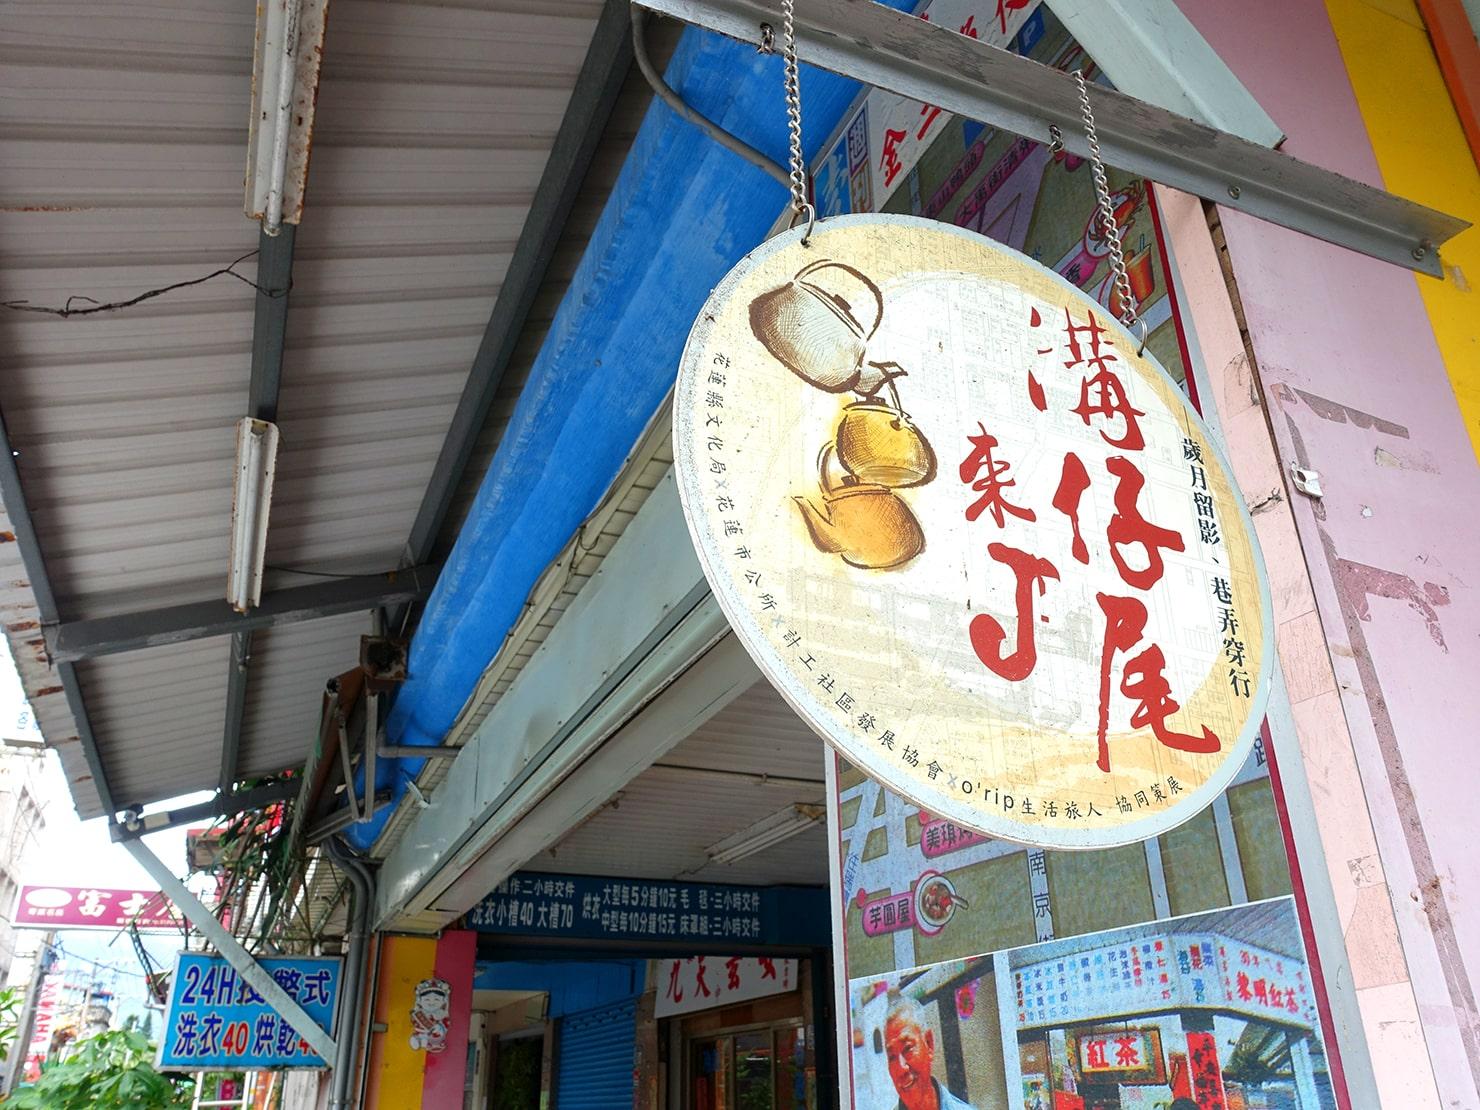 台湾・花蓮のおすすめ観光スポット「溝仔尾」の看板